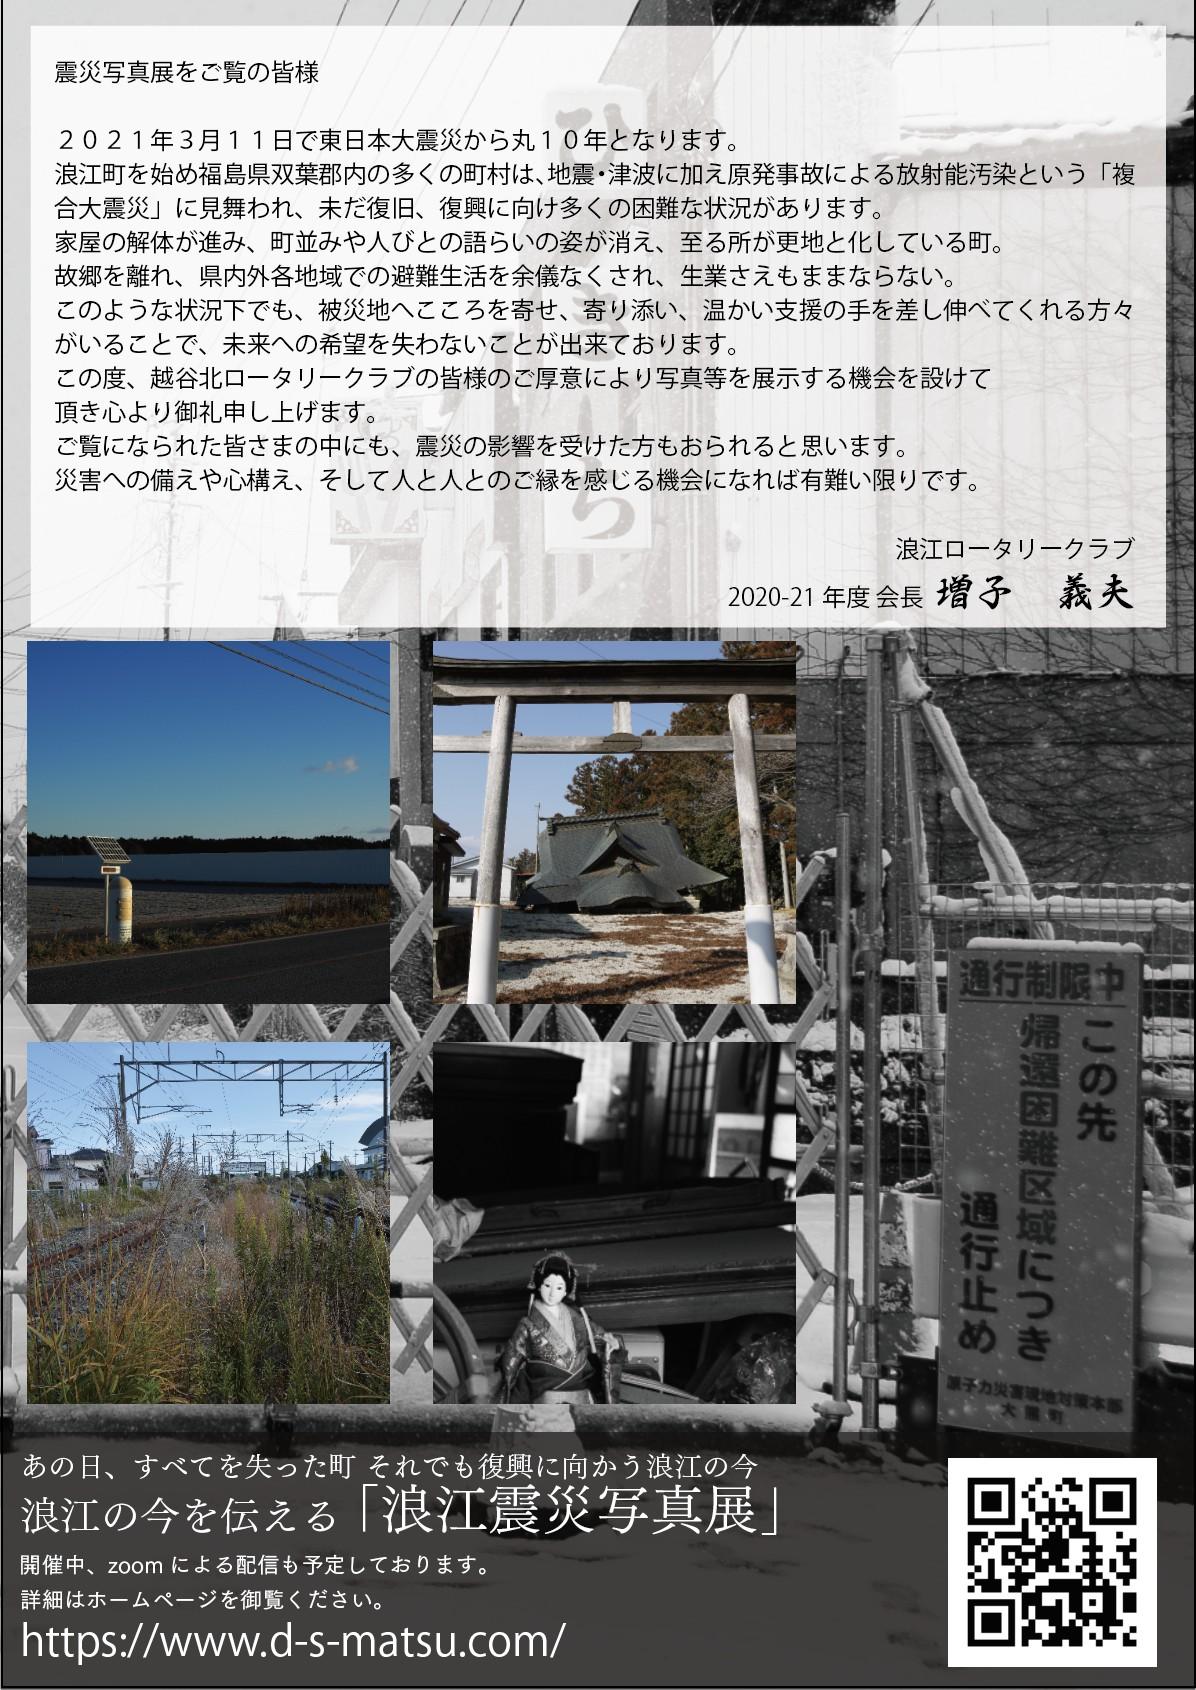 浪江震災写真展(案内裏)